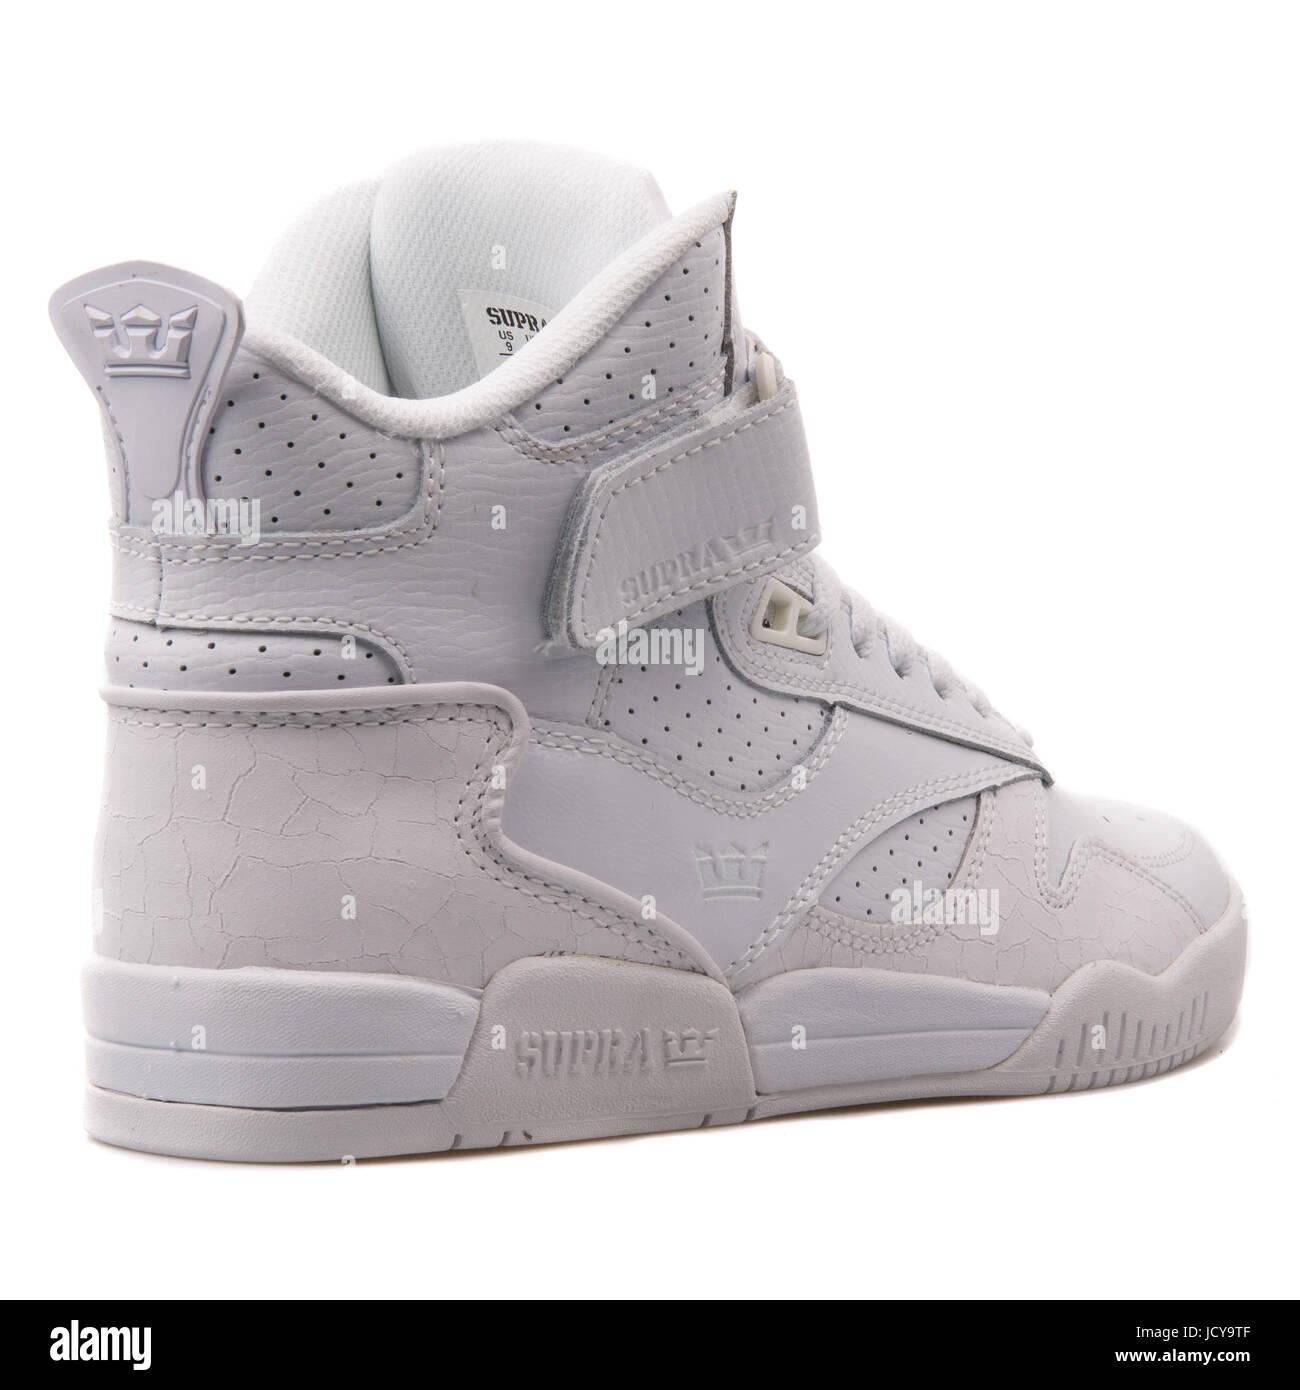 Schuhe Für Herren Supra Schuhe Sneaker Bleeker In Weiß